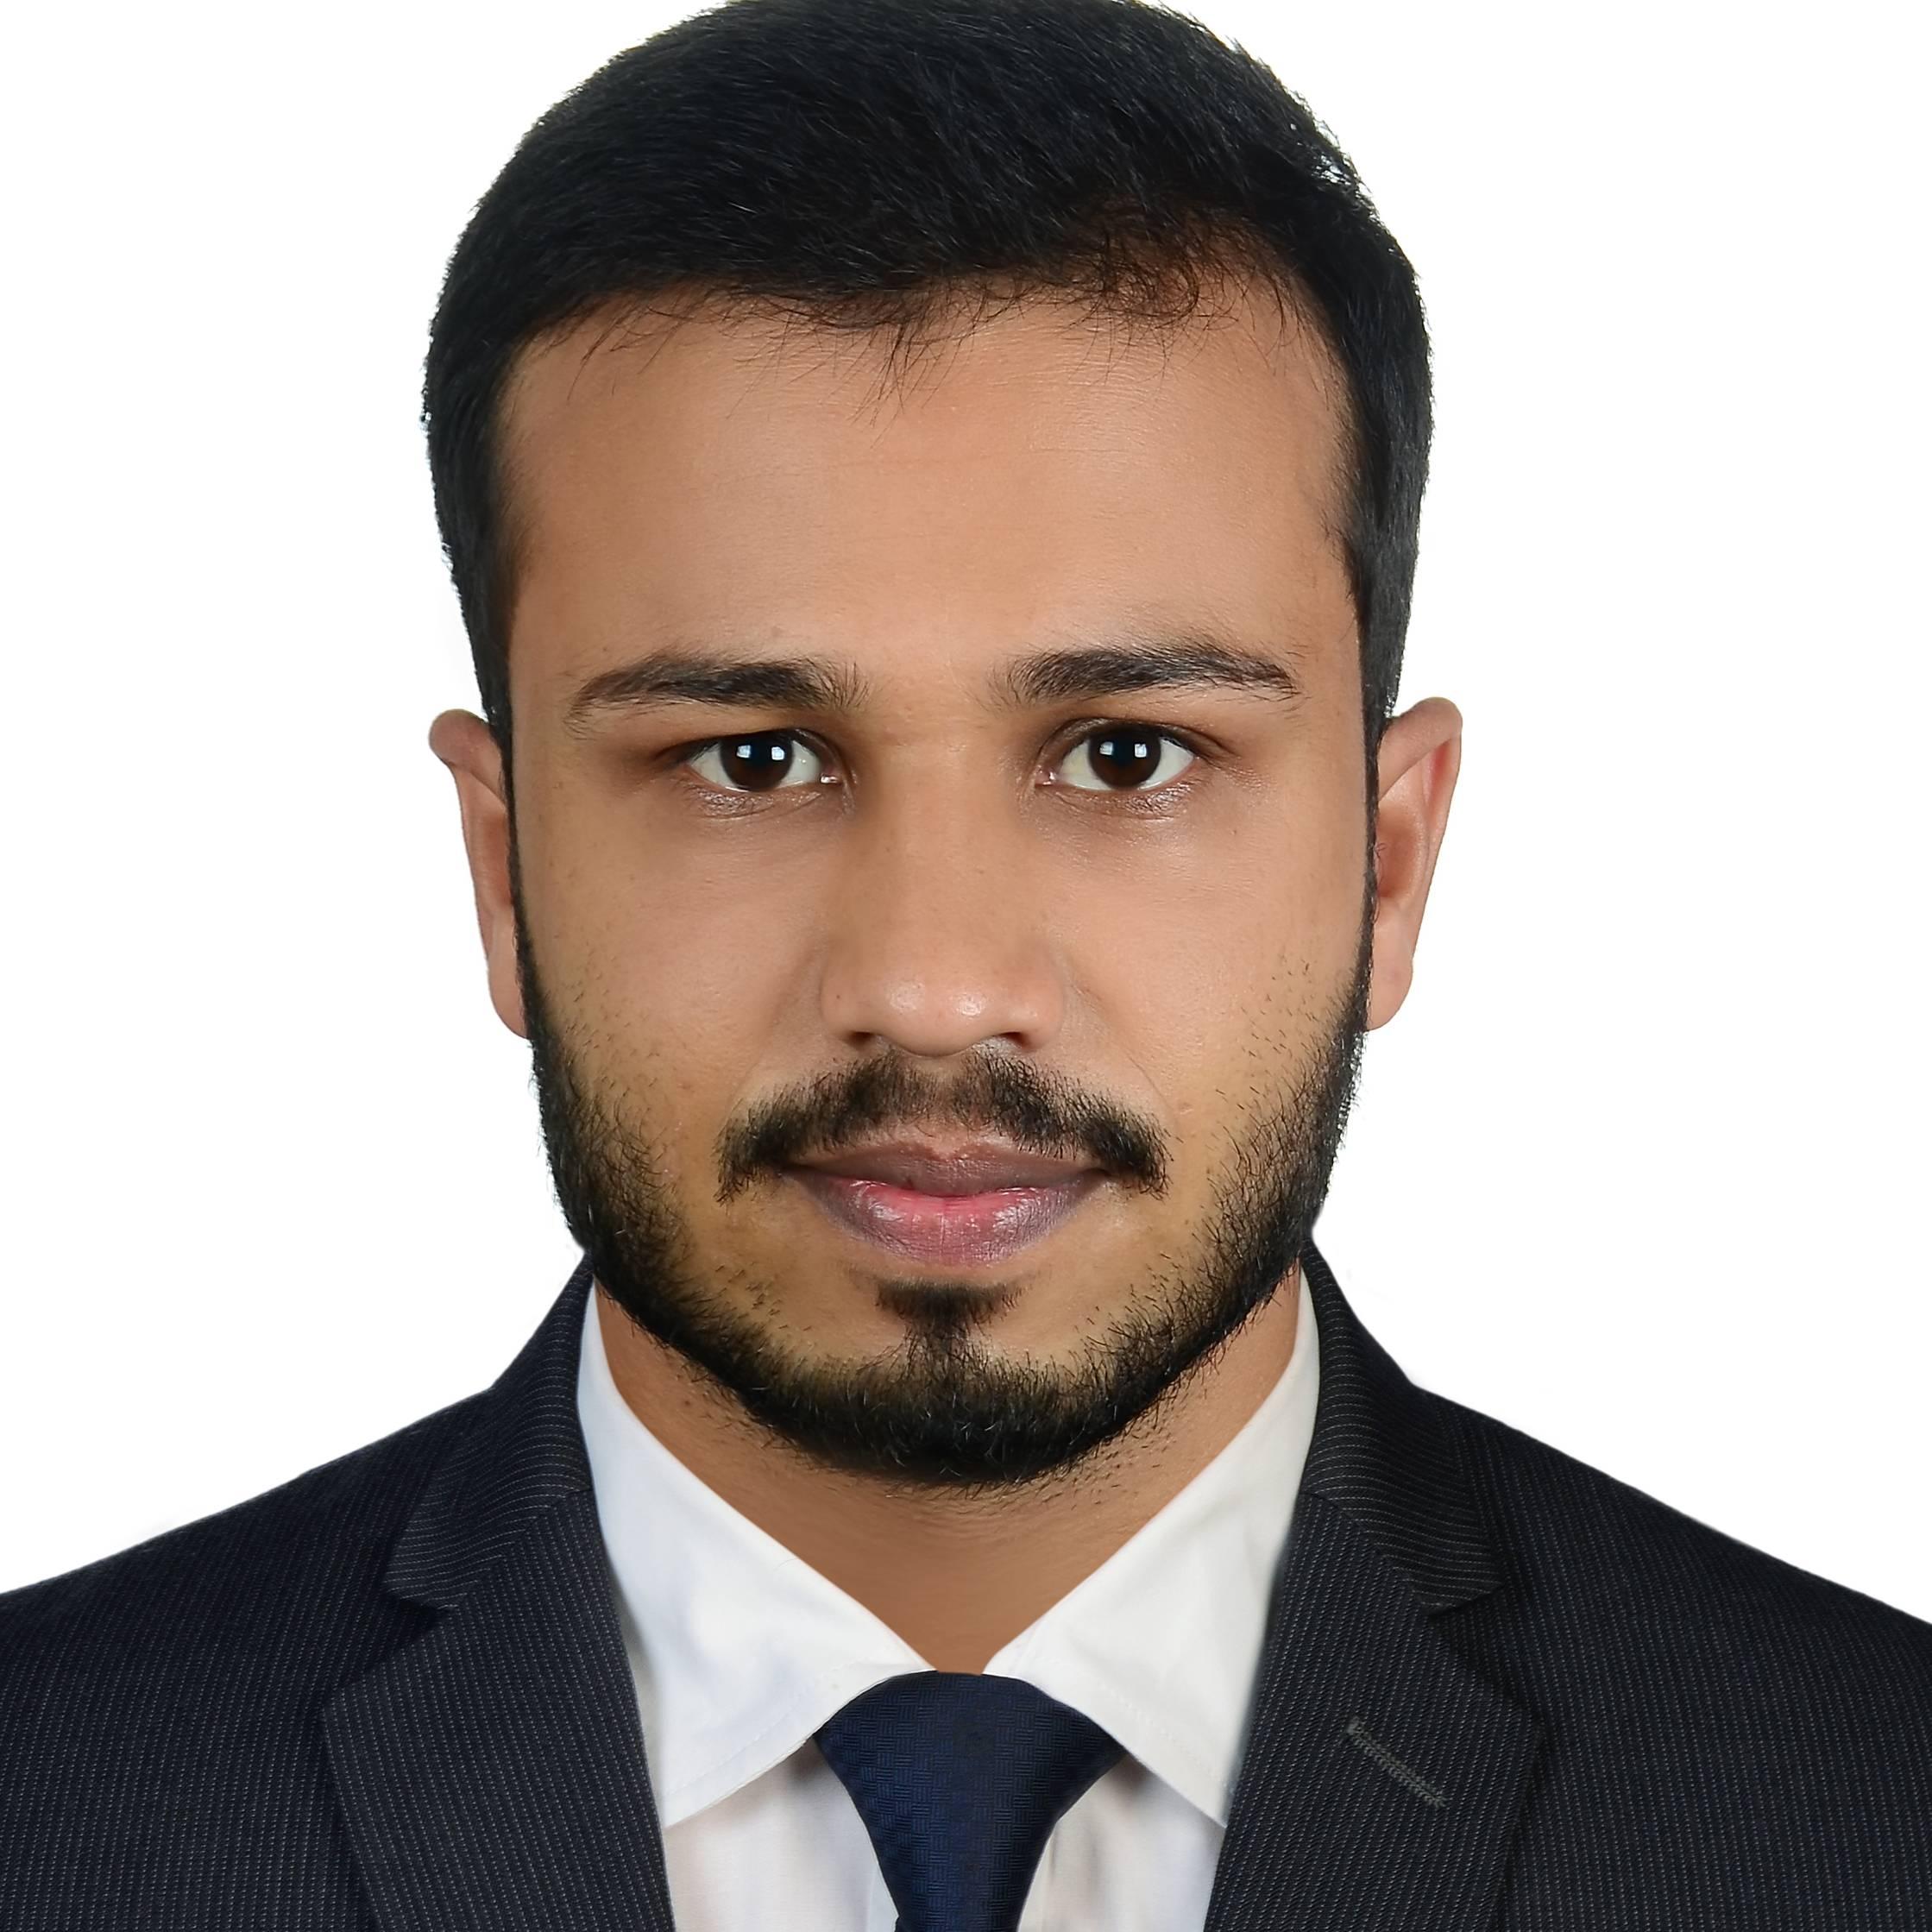 Naman Ali